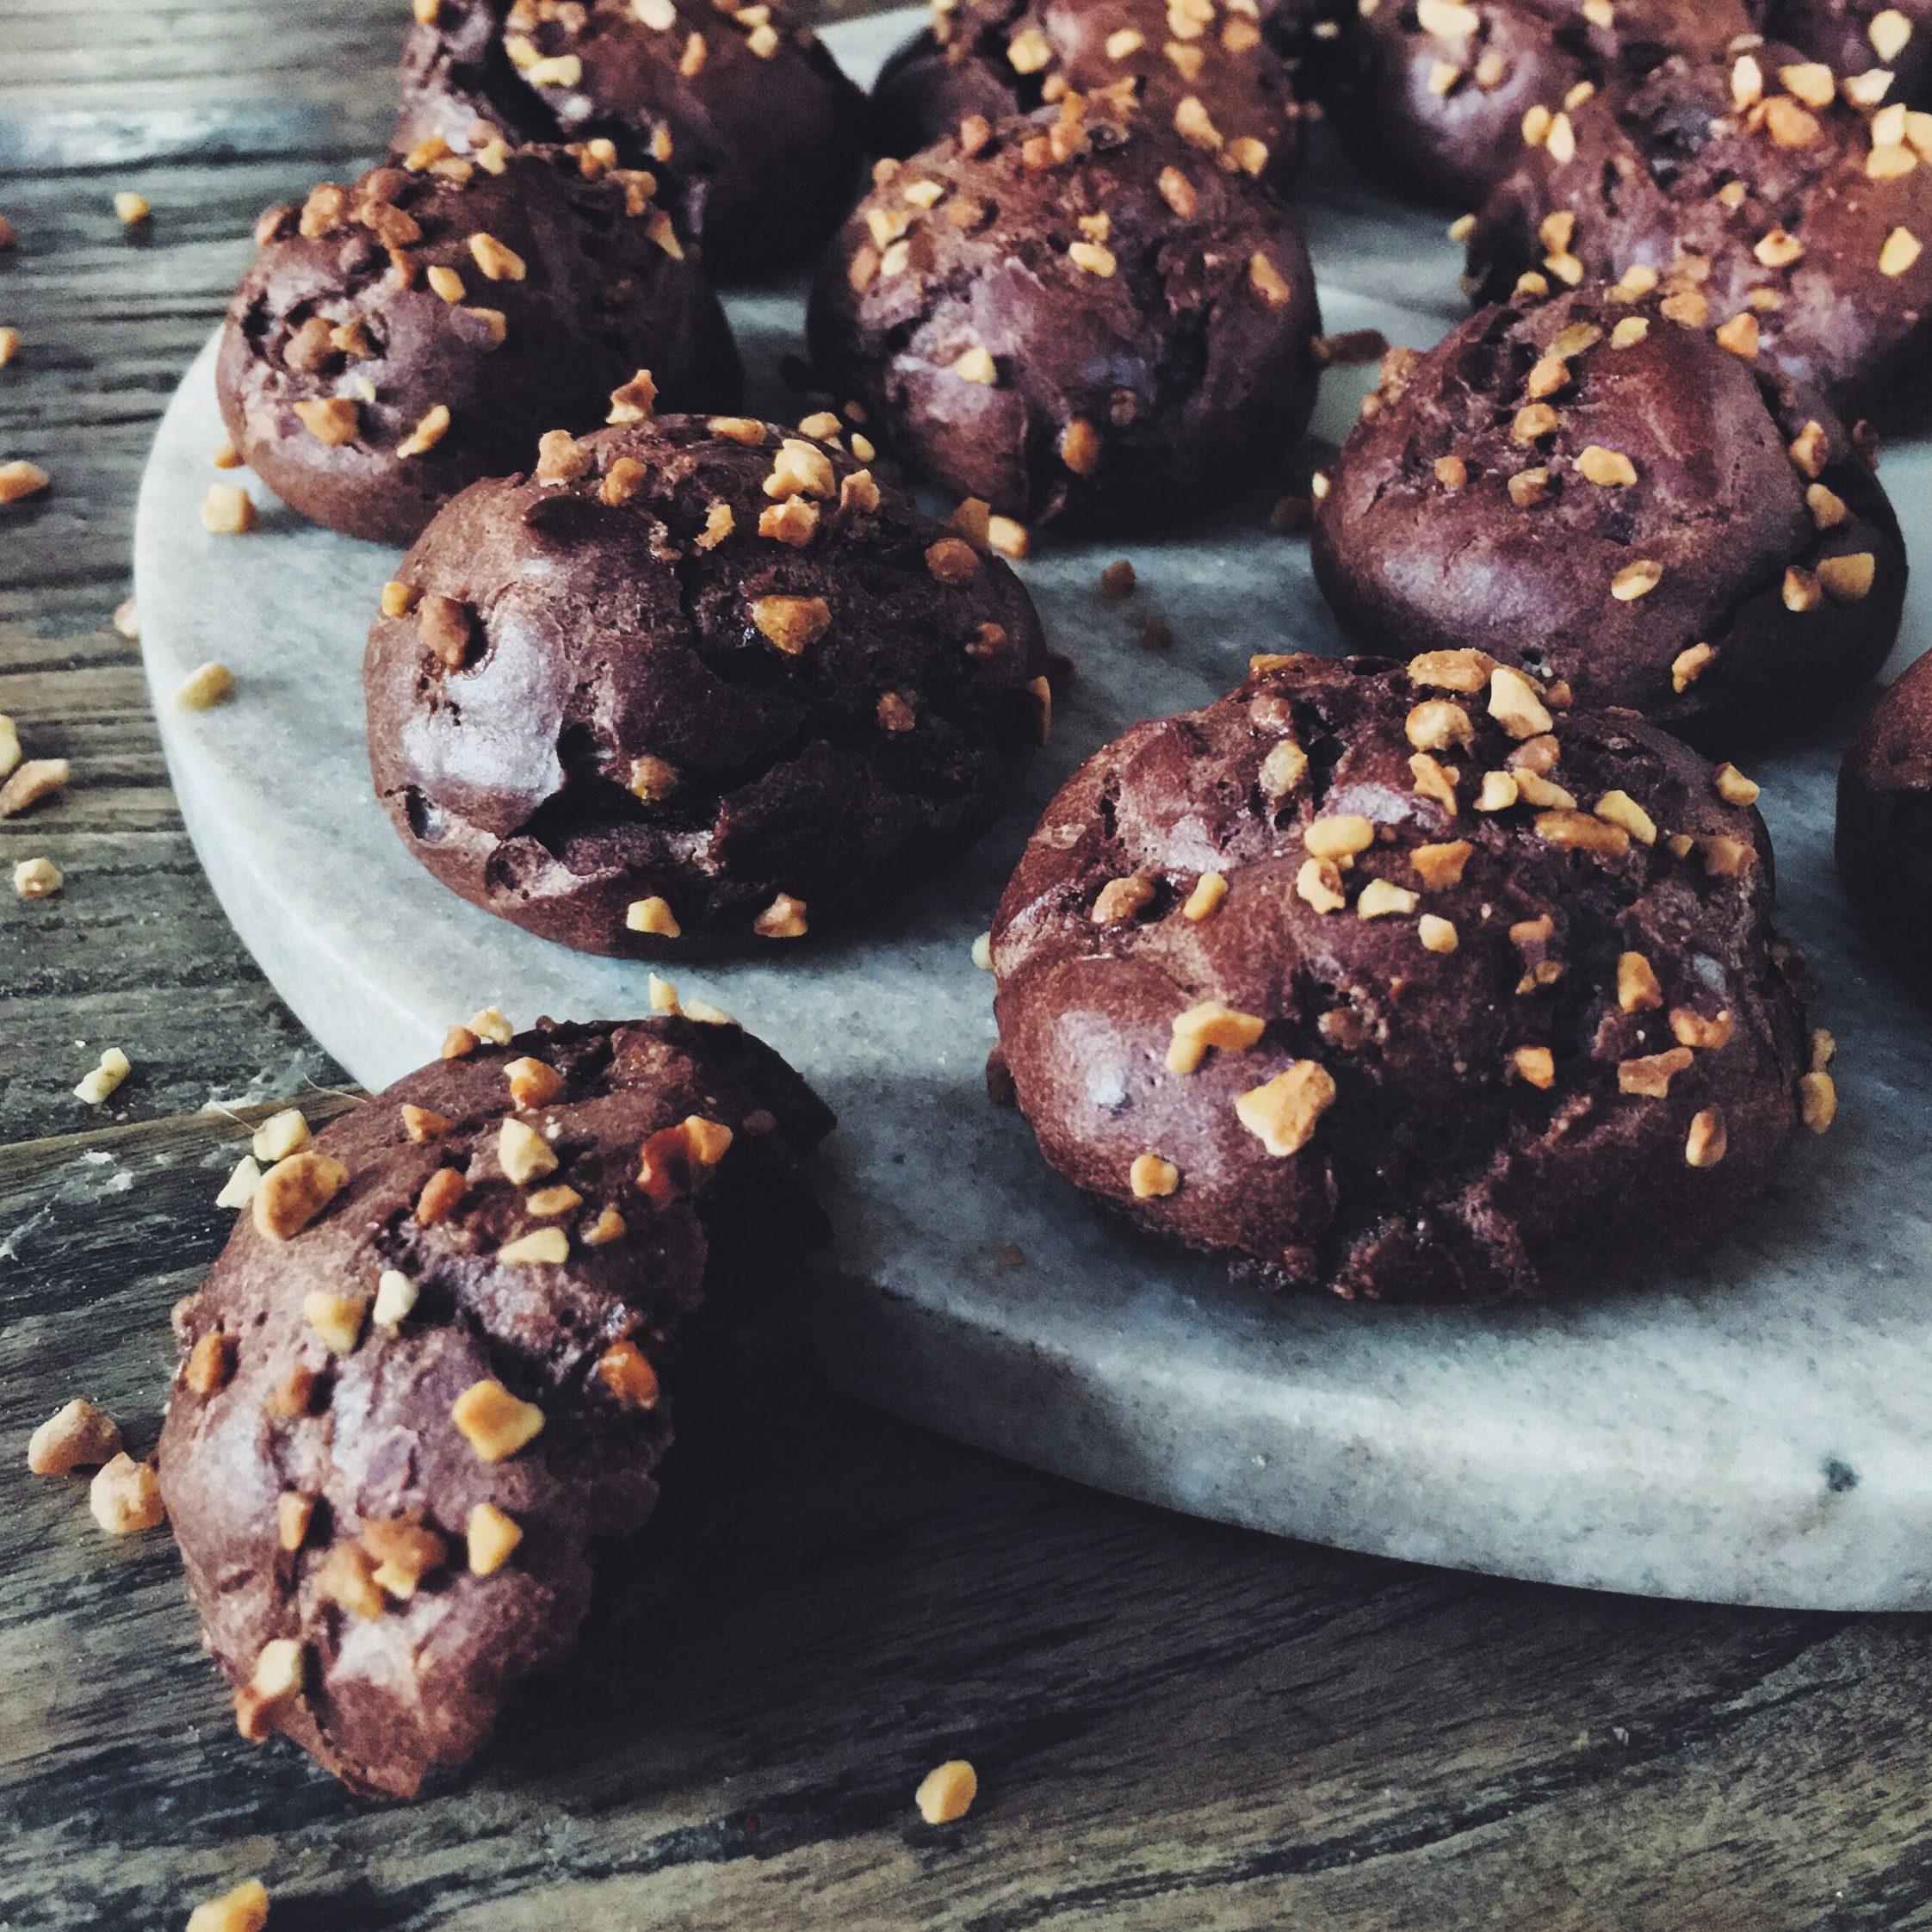 Juliette Lalbaltry - Chouquettes au chocolat et aux éclats de pralin